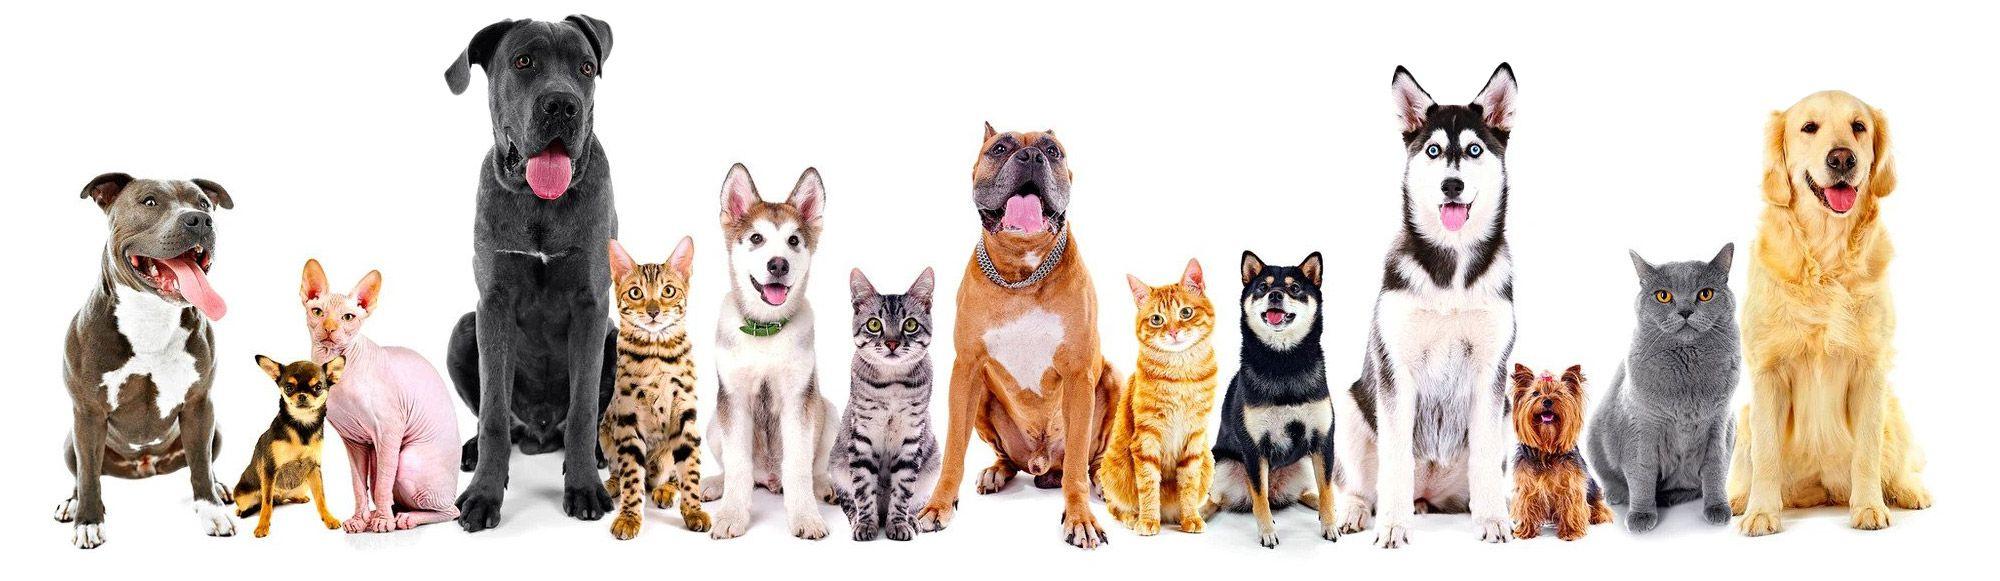 Dogs-bg.jpg